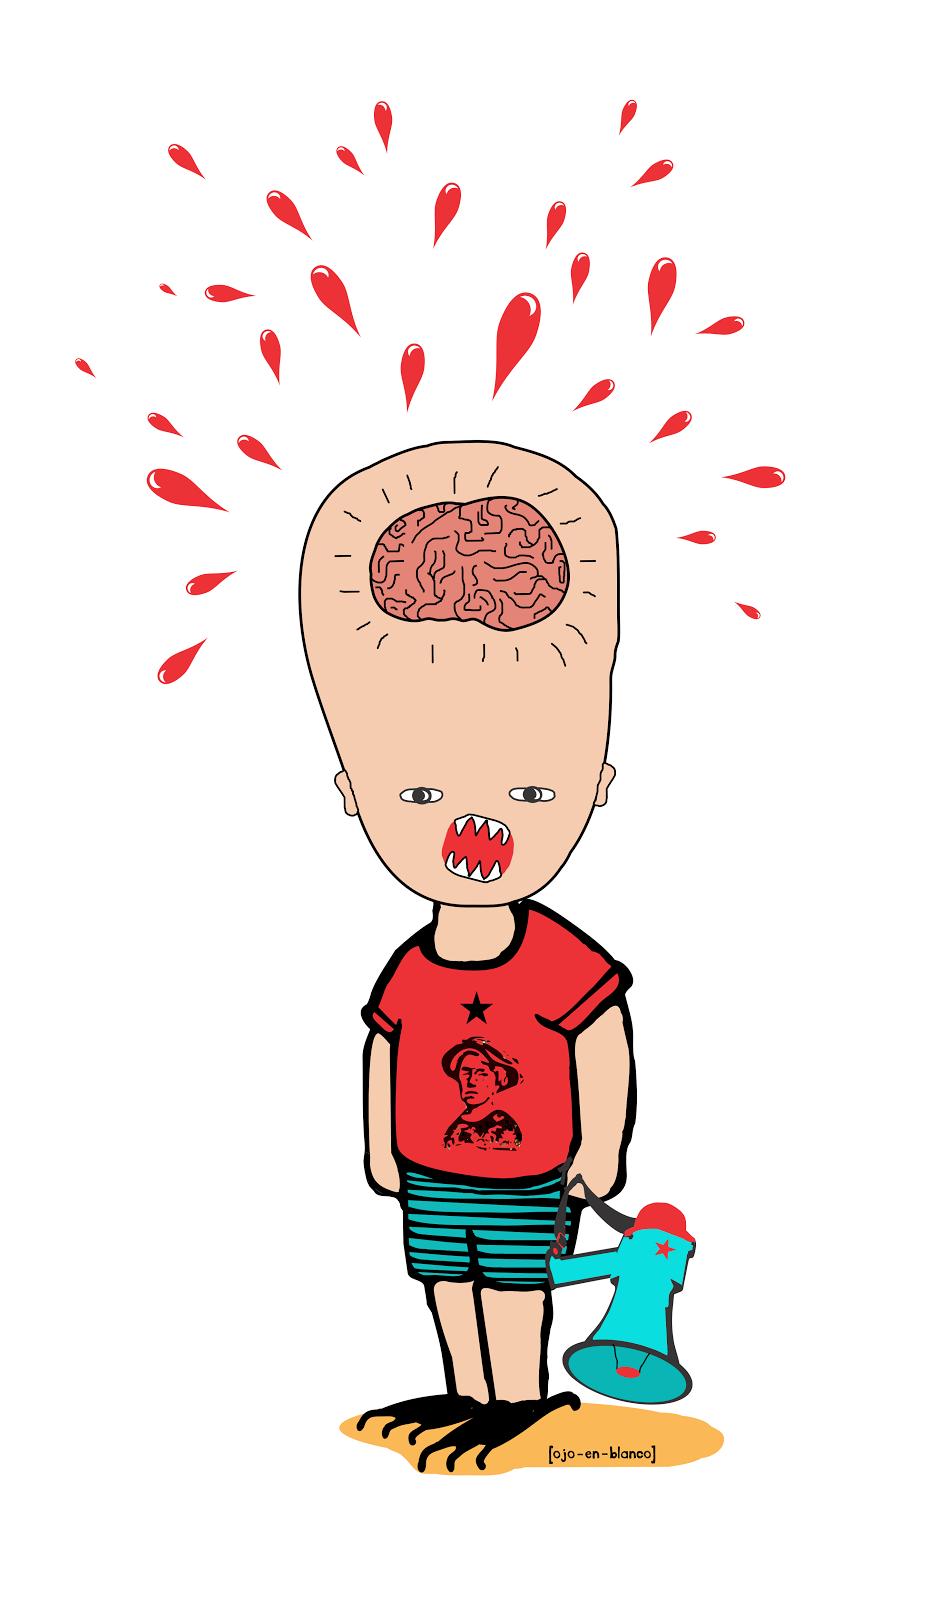 pinche el cerebro y vea